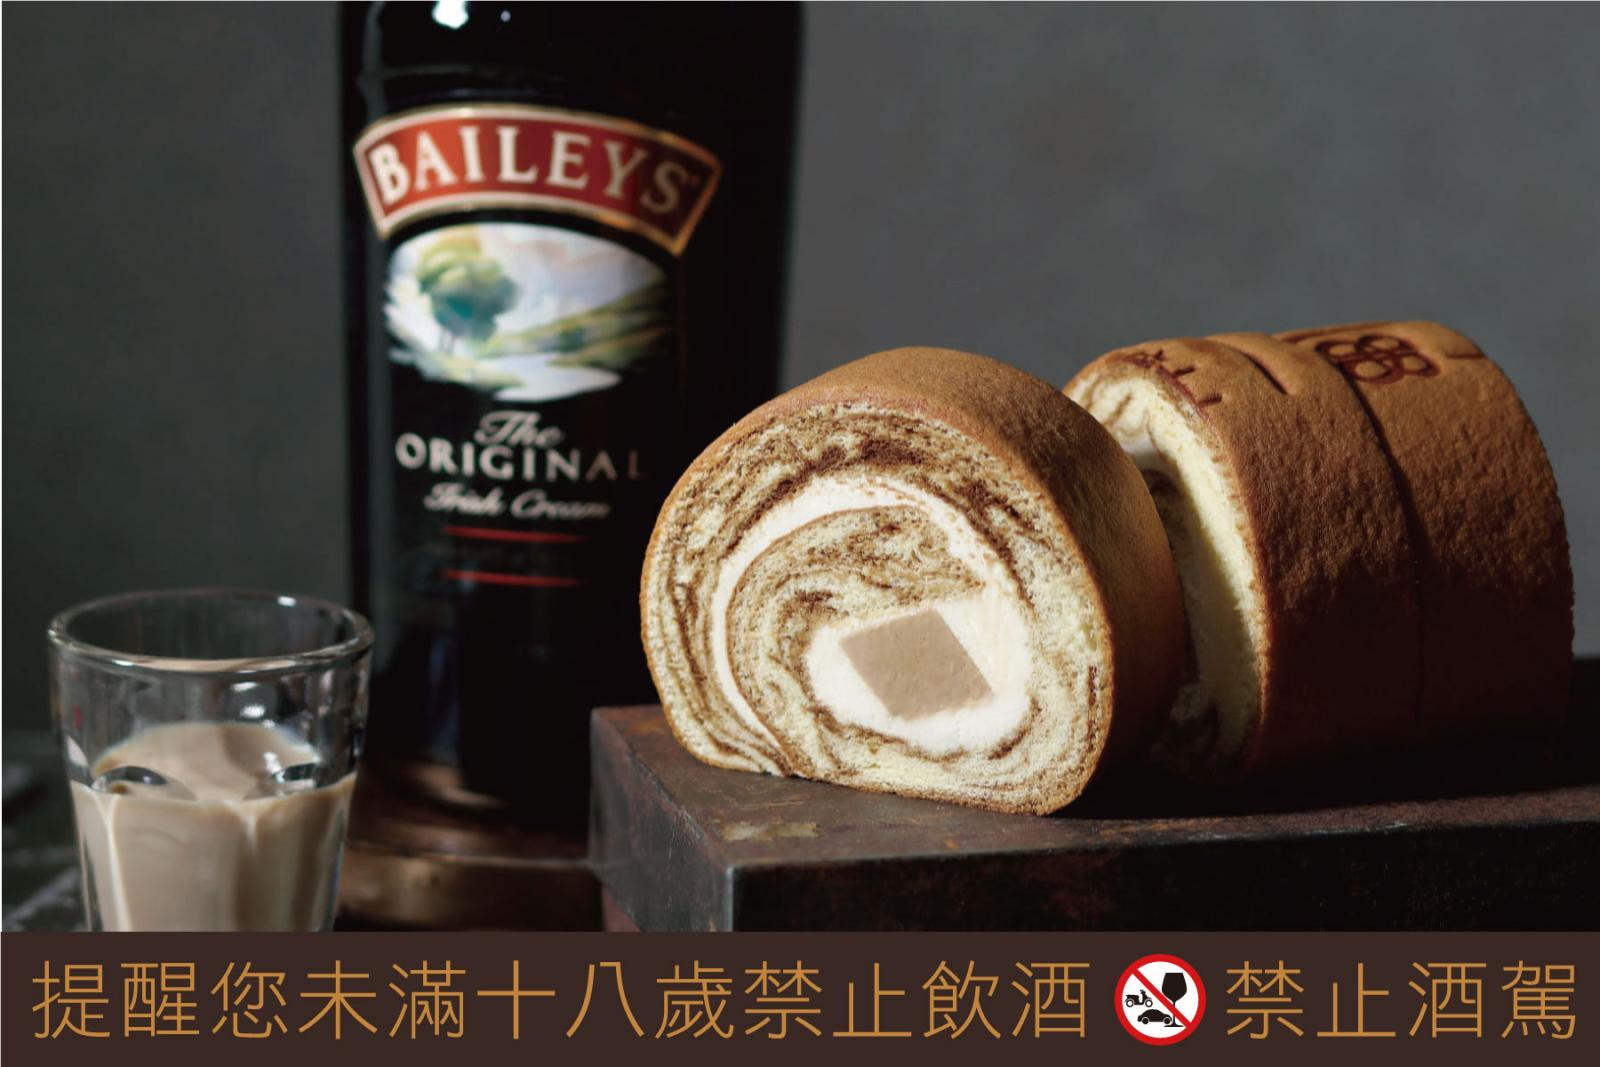 糖村攜台啤推大人系甜點!「蜂蜜奶油啤酒哈尼捲」含芒果啤酒凍微醺上市-3